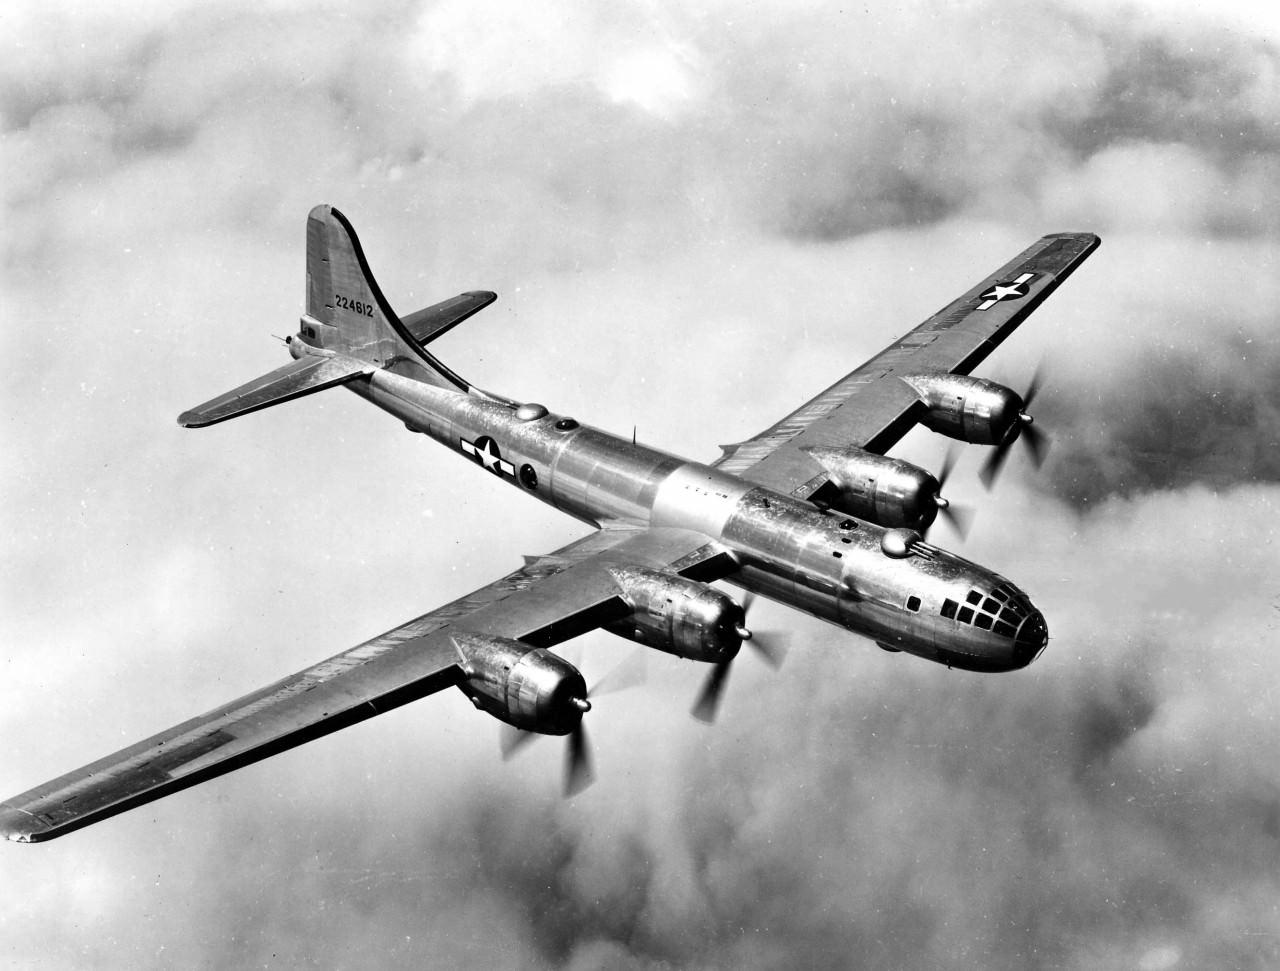 盟軍B-29型轟炸機,曾空襲香港日軍基地。 (互聯網圖片)